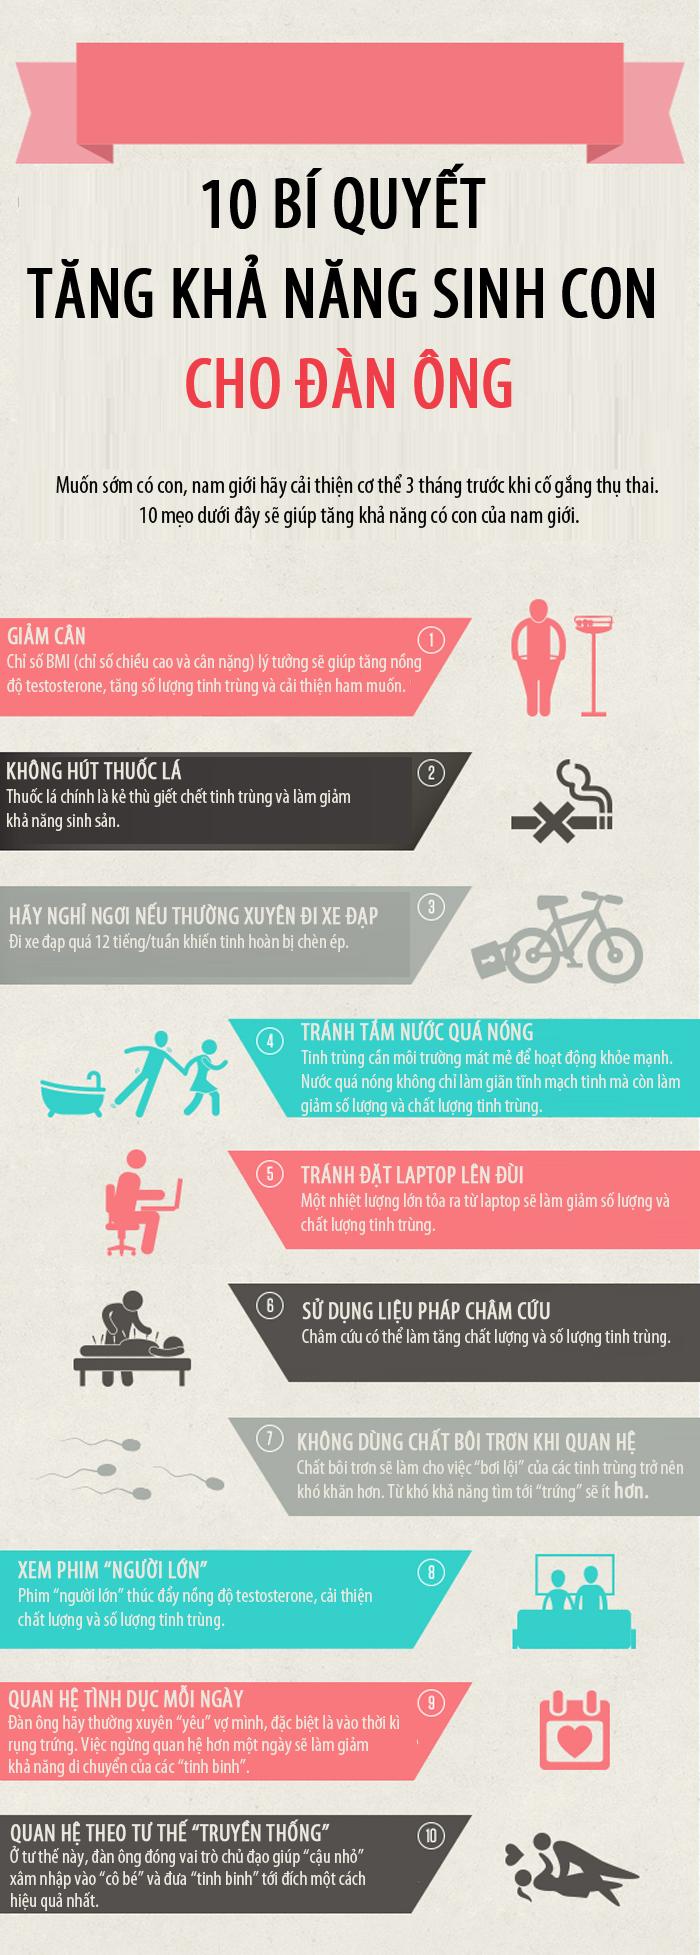 10 mẹo giúp đàn ông sớm có con